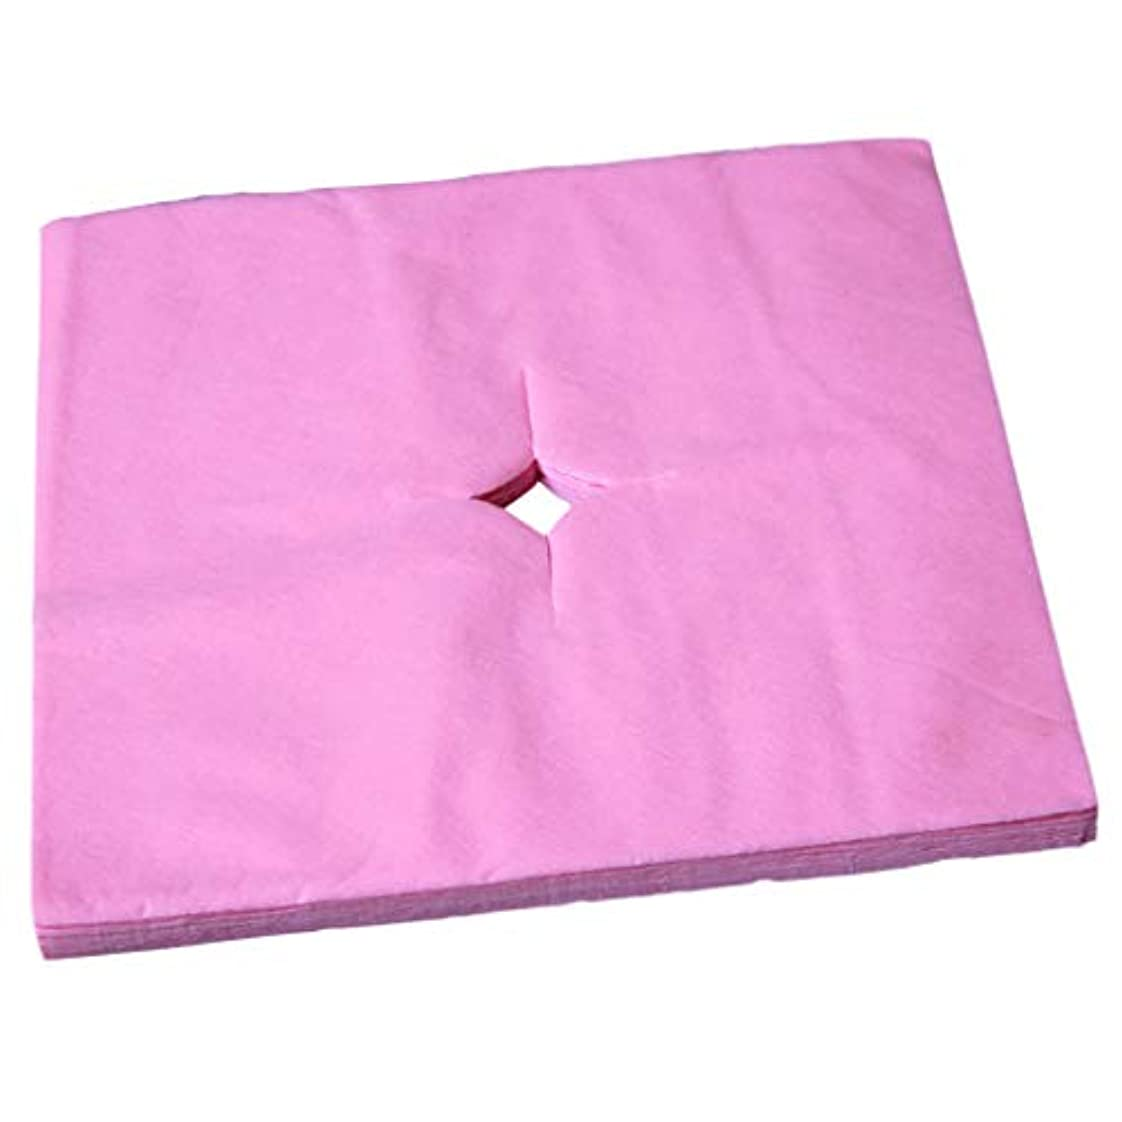 ハミングバード溶接参加者sharprepublic フェイスクレードルカバー マッサージフェイスカバー マッサージサロン 使い捨て 寝具カバー 全3色 - ピンク